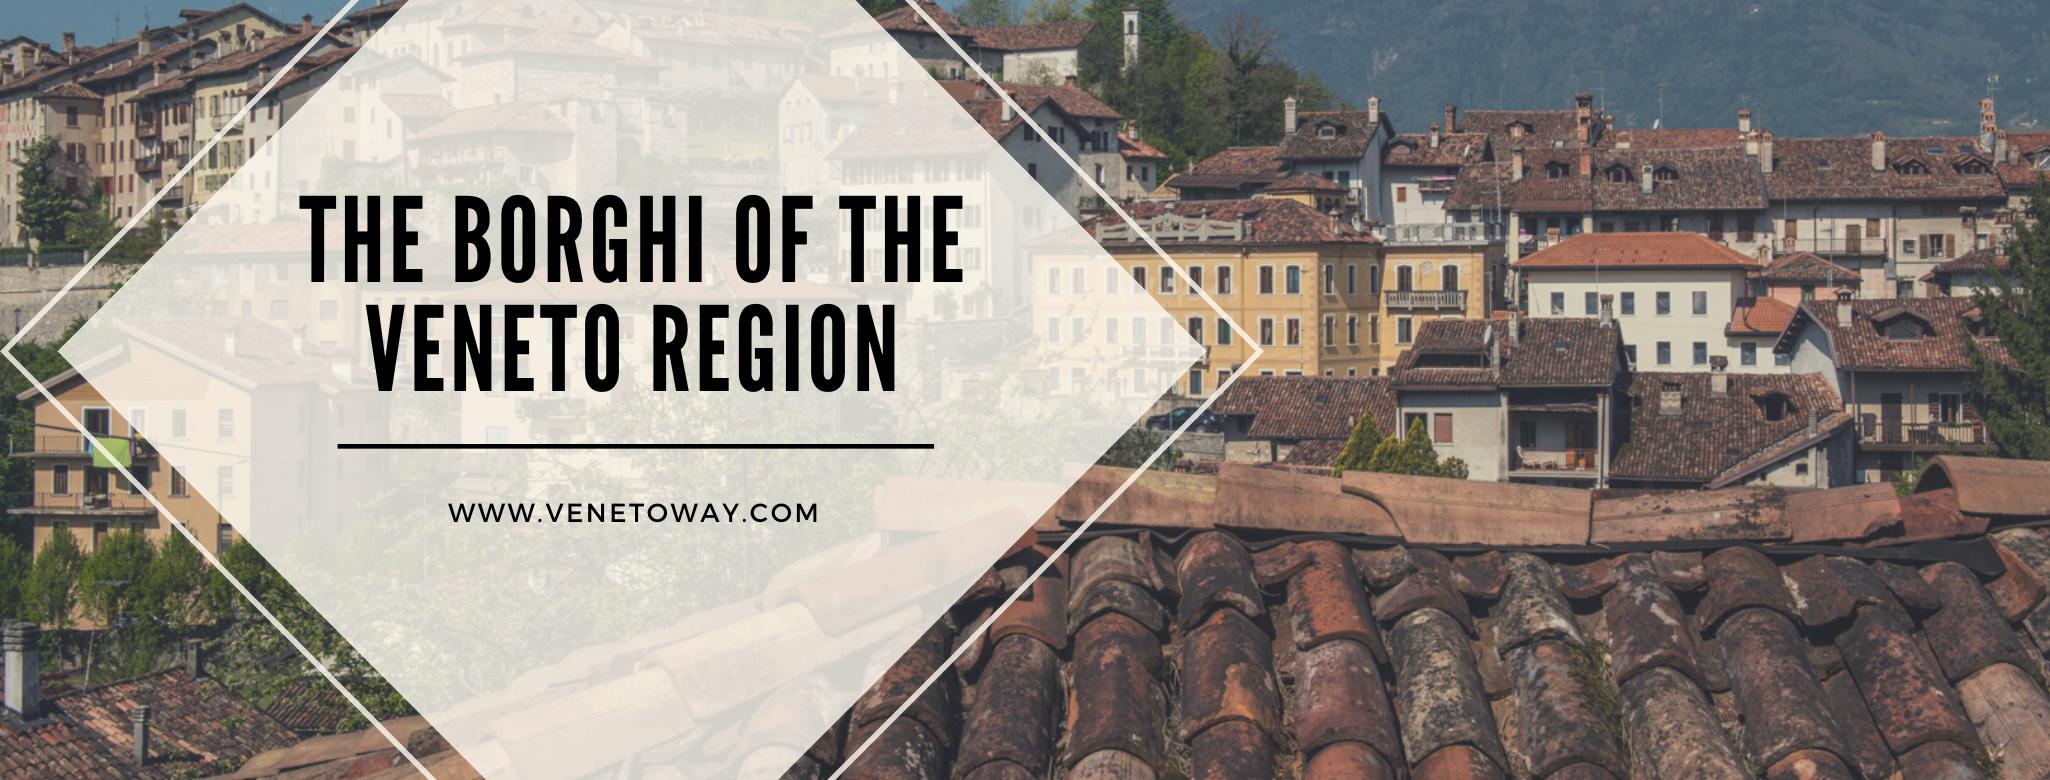 The Borghi of the Veneto region